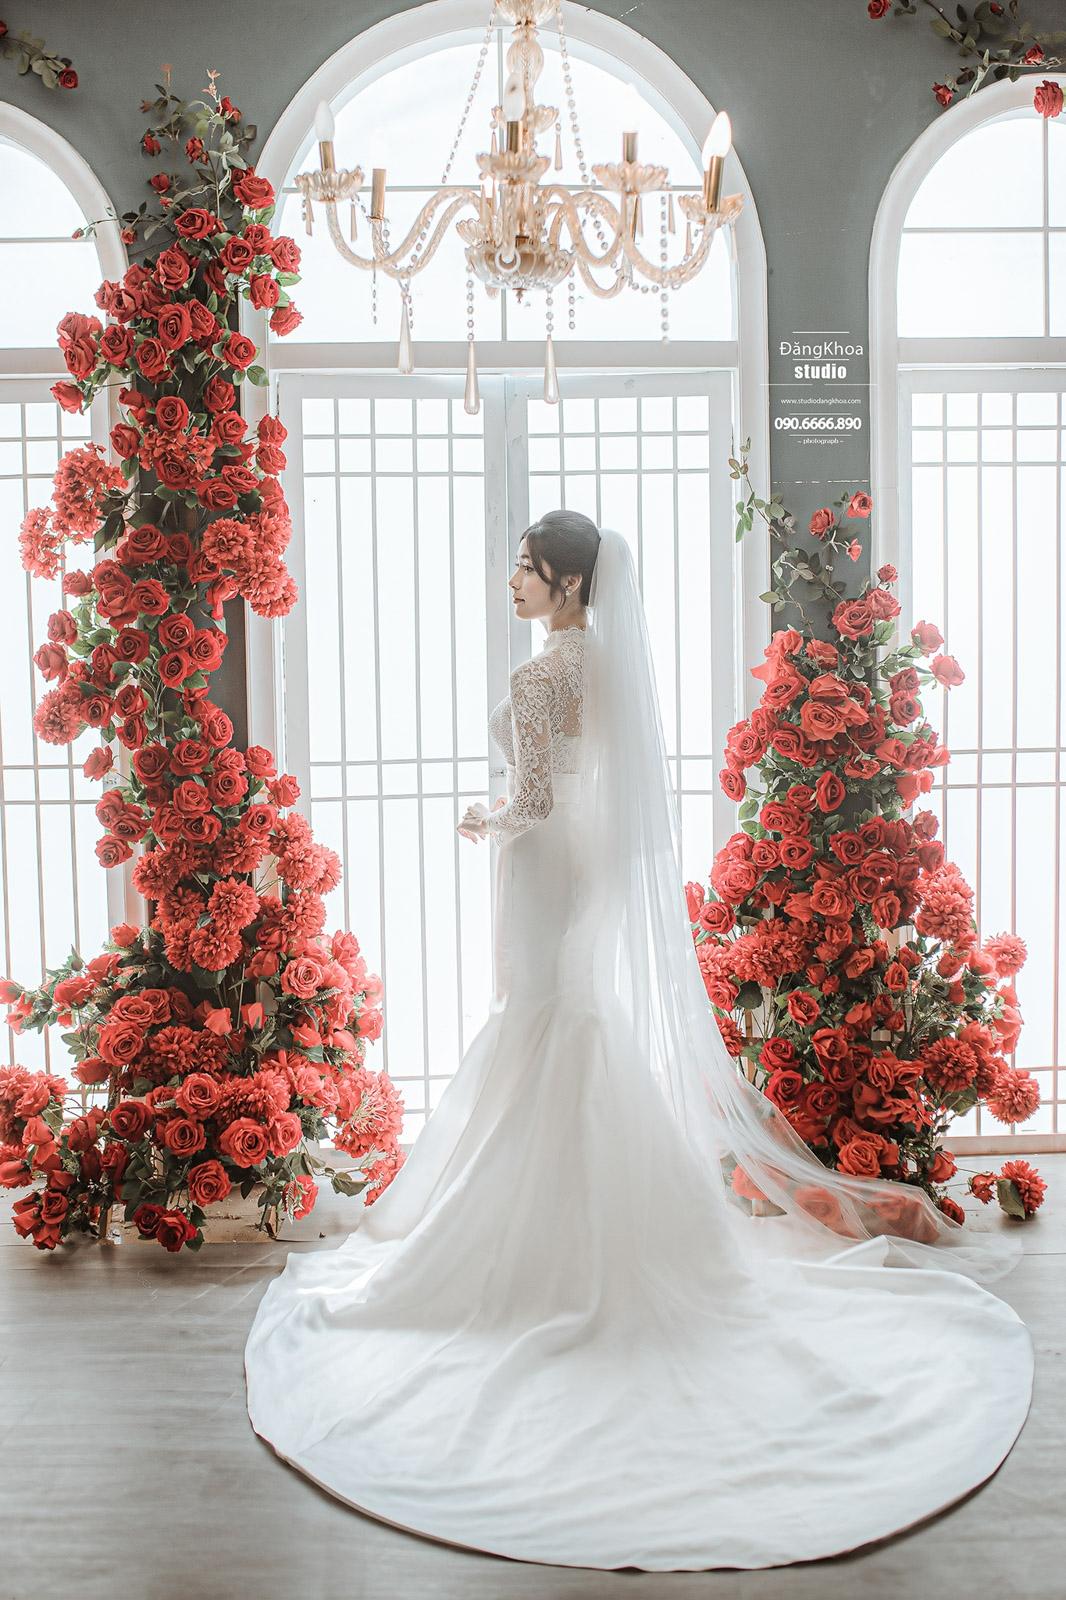 Chụp ảnh cưới tại phim trường